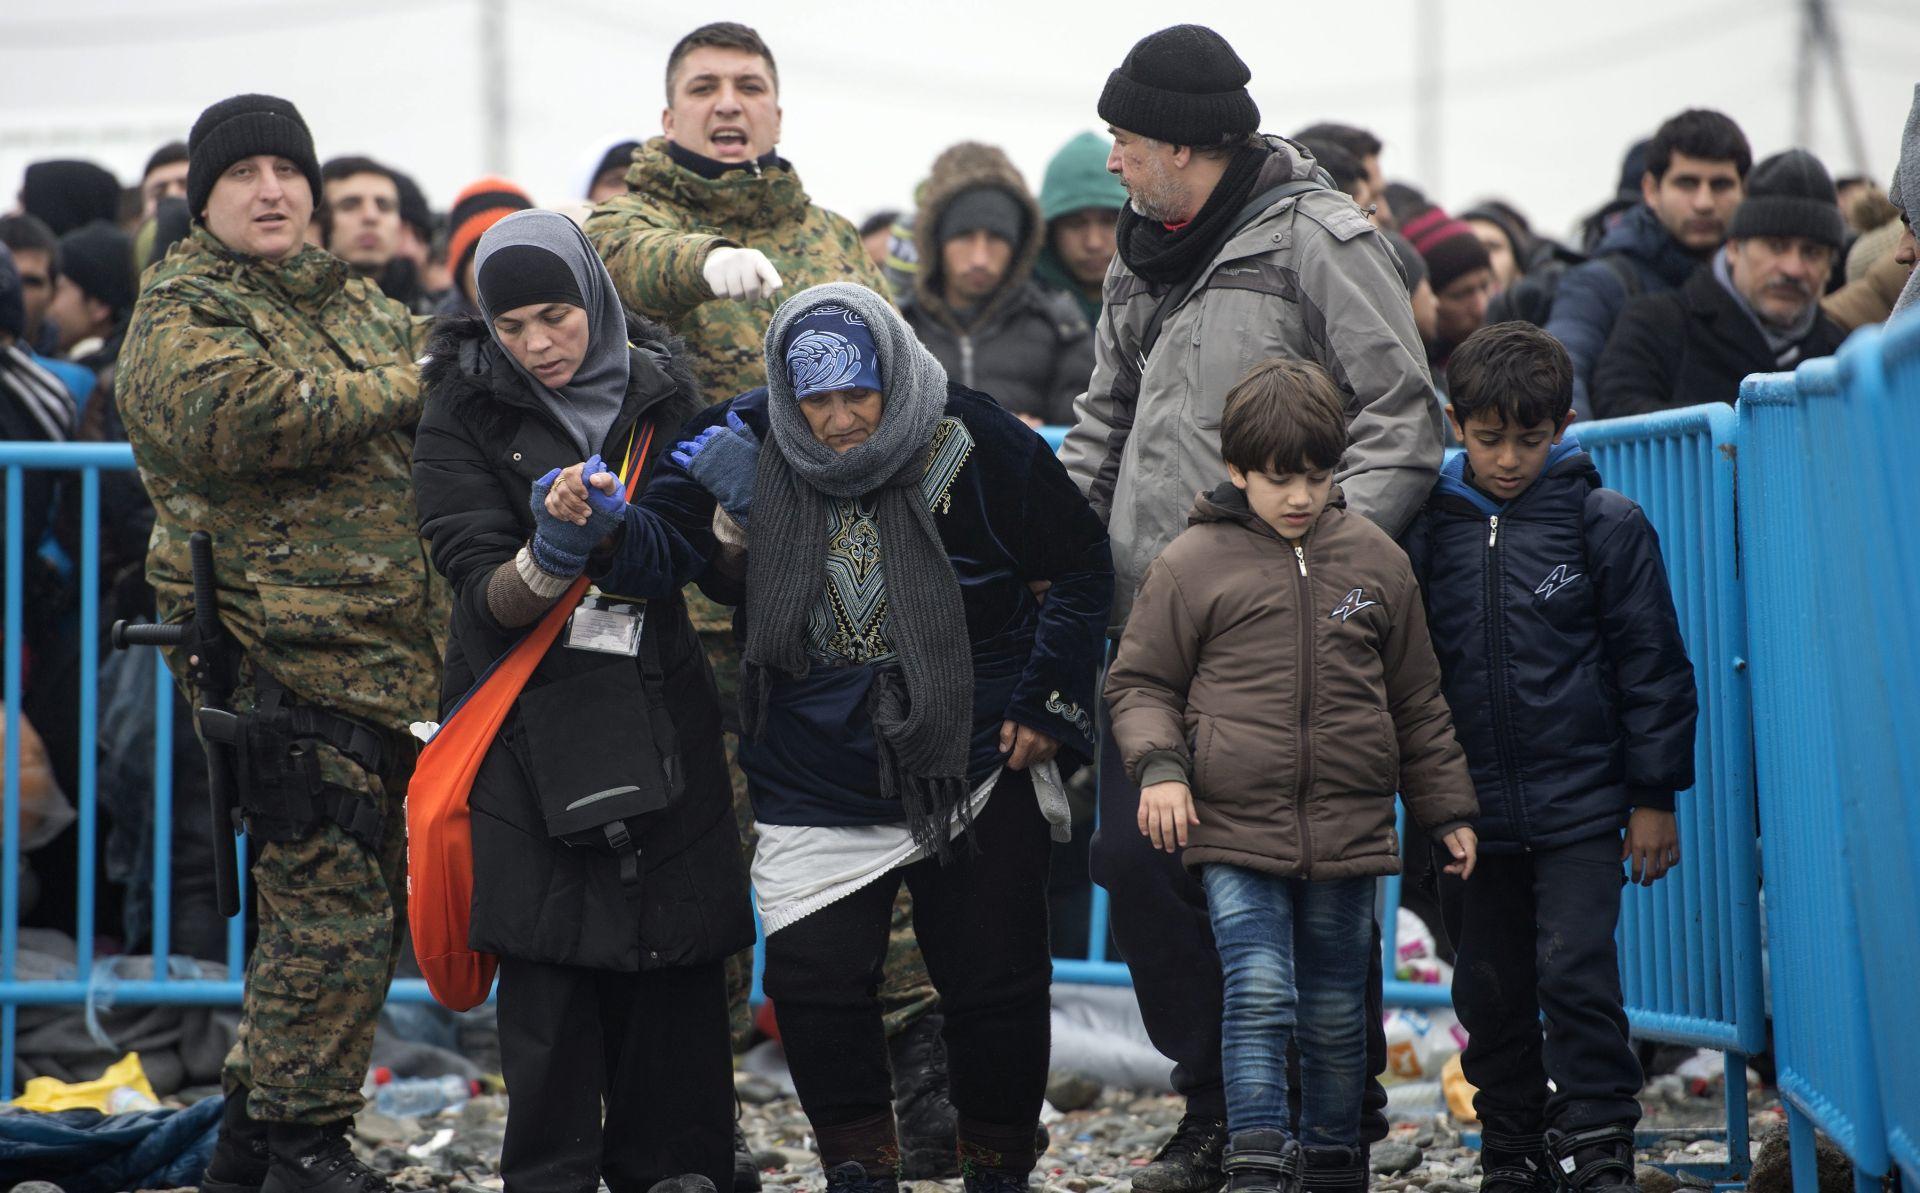 NAKON BLOKADE: Migranti pješice autocestom idu prema Makedoniji